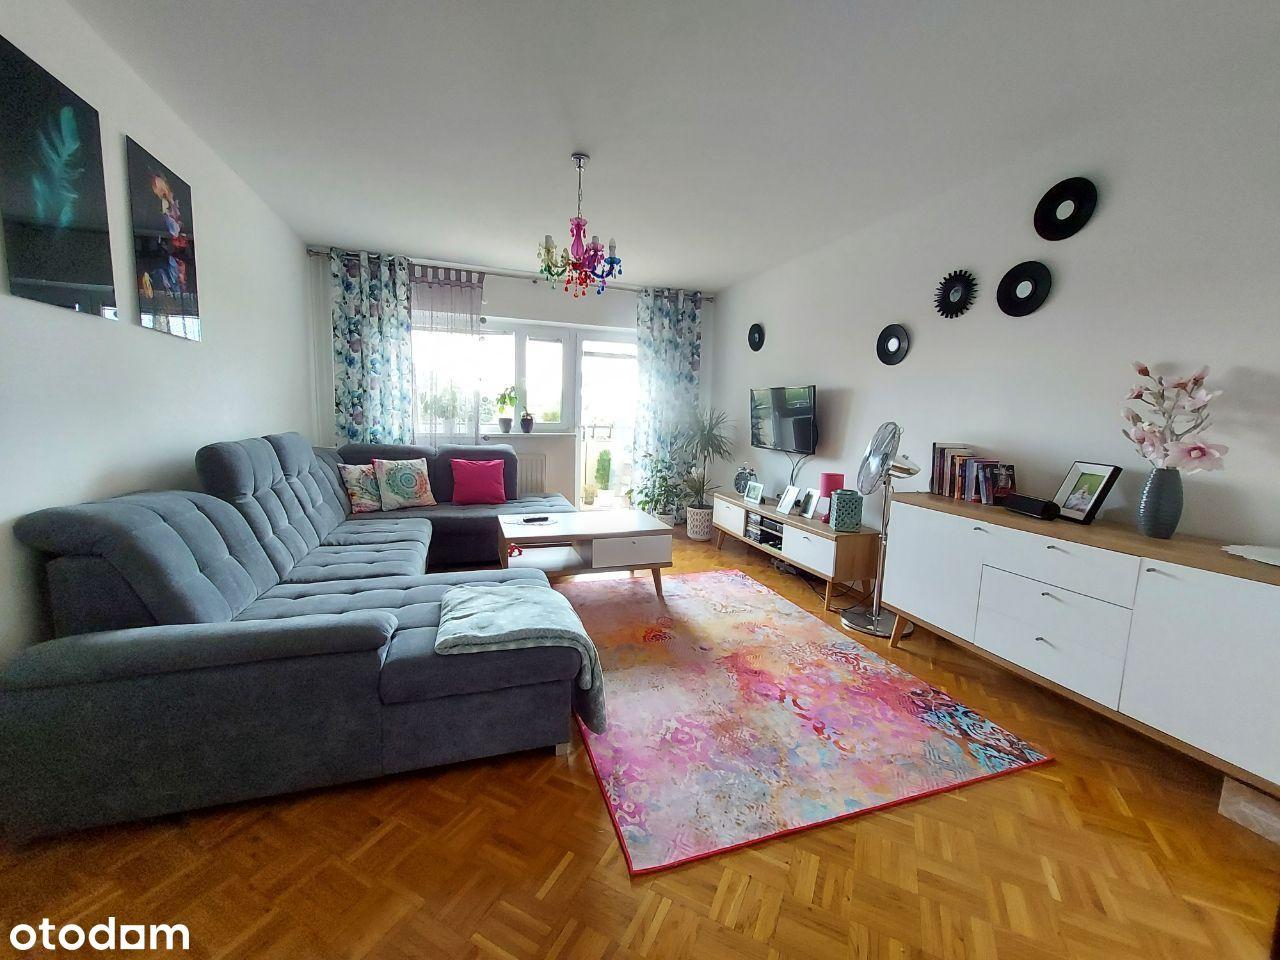 Mieszkanie 67 m2, Podgórz